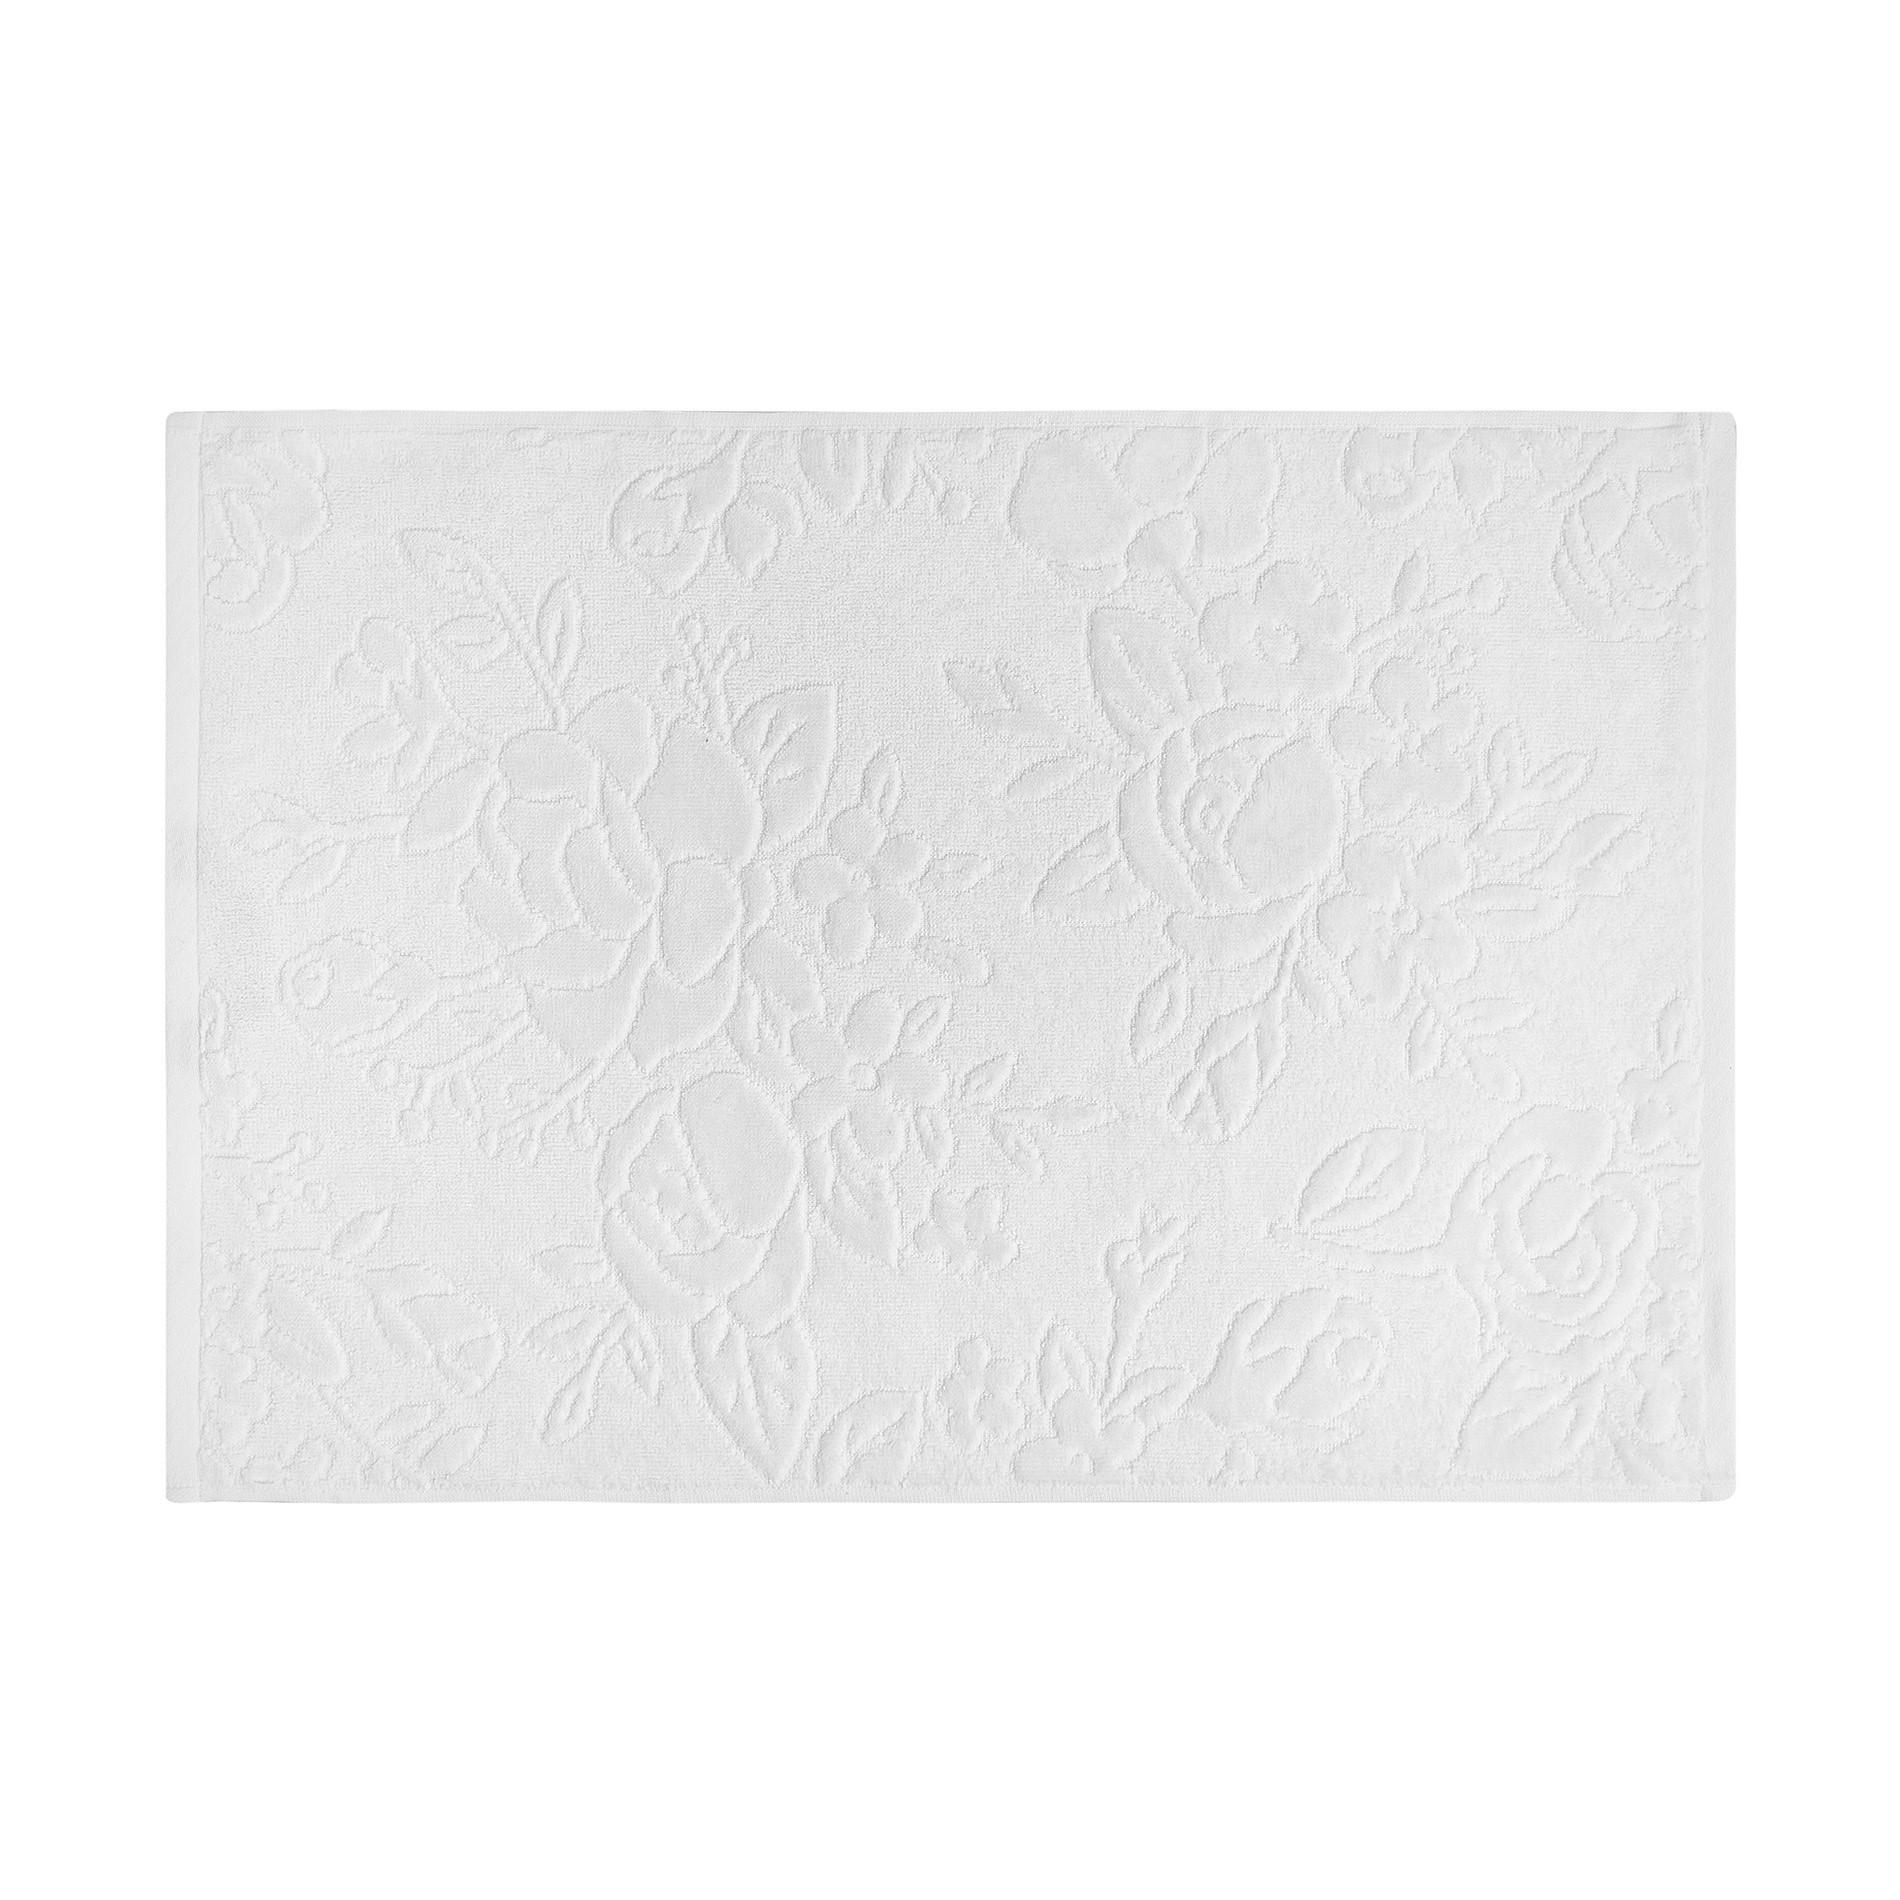 Asciugamano puro cotone lavorazione floreale, Bianco, large image number 2